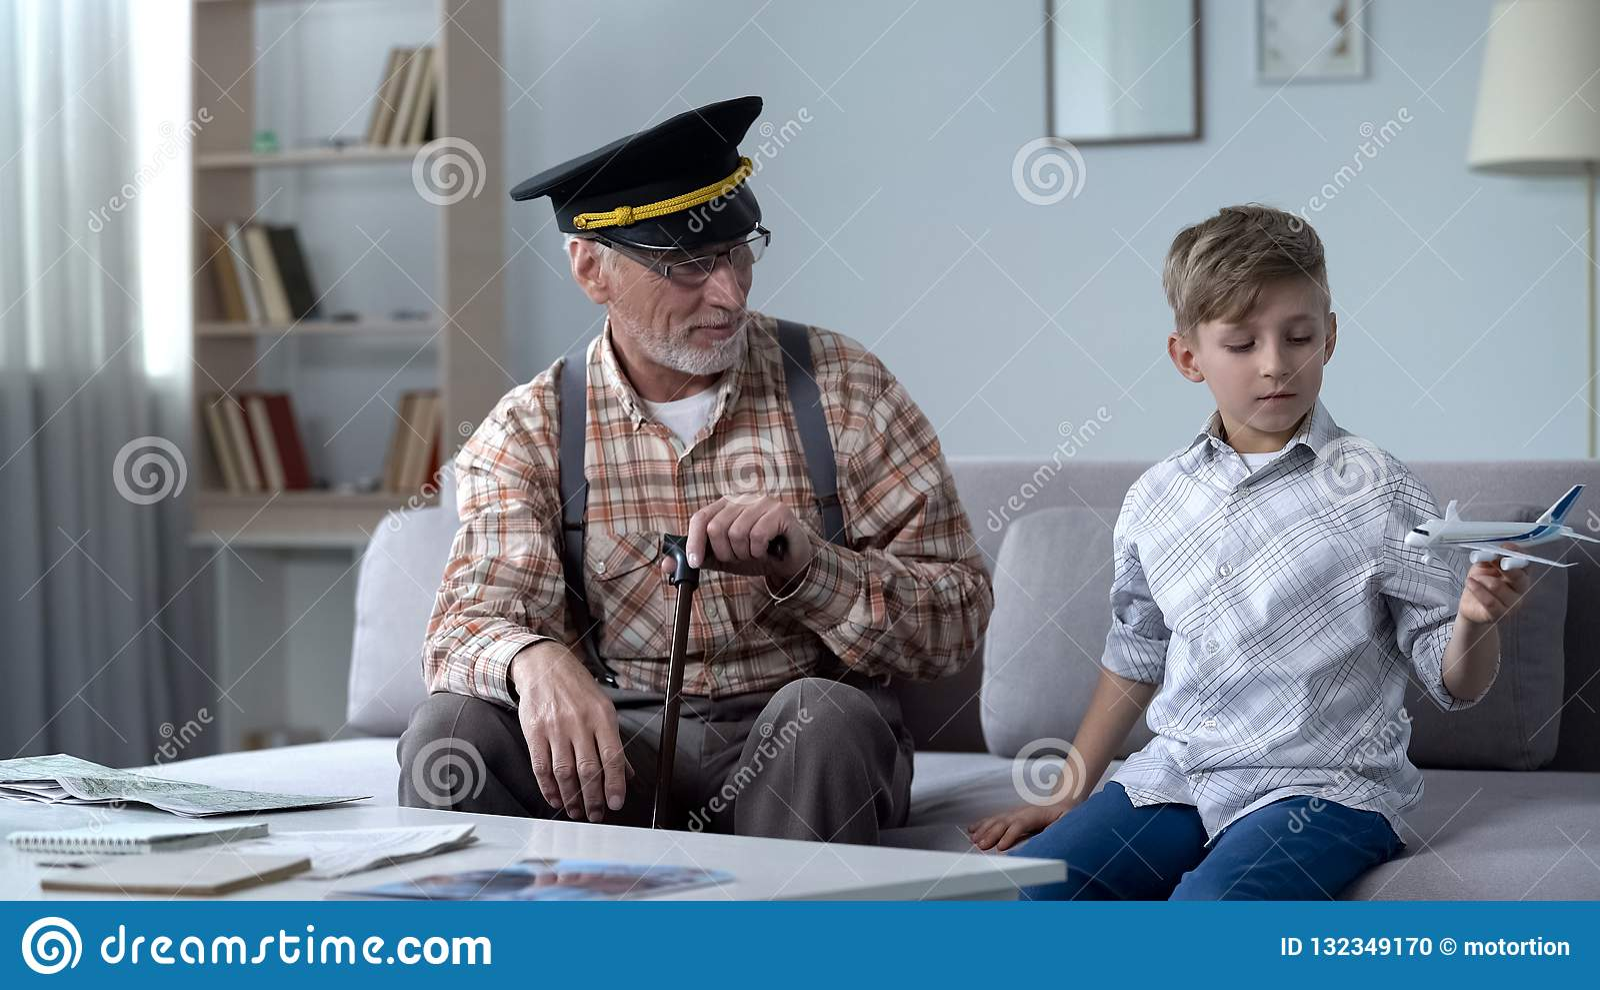 Jongen het spelen met stuk speelgoed vliegtuig, opa vroegere proef trots van kleinzoon, droombaan